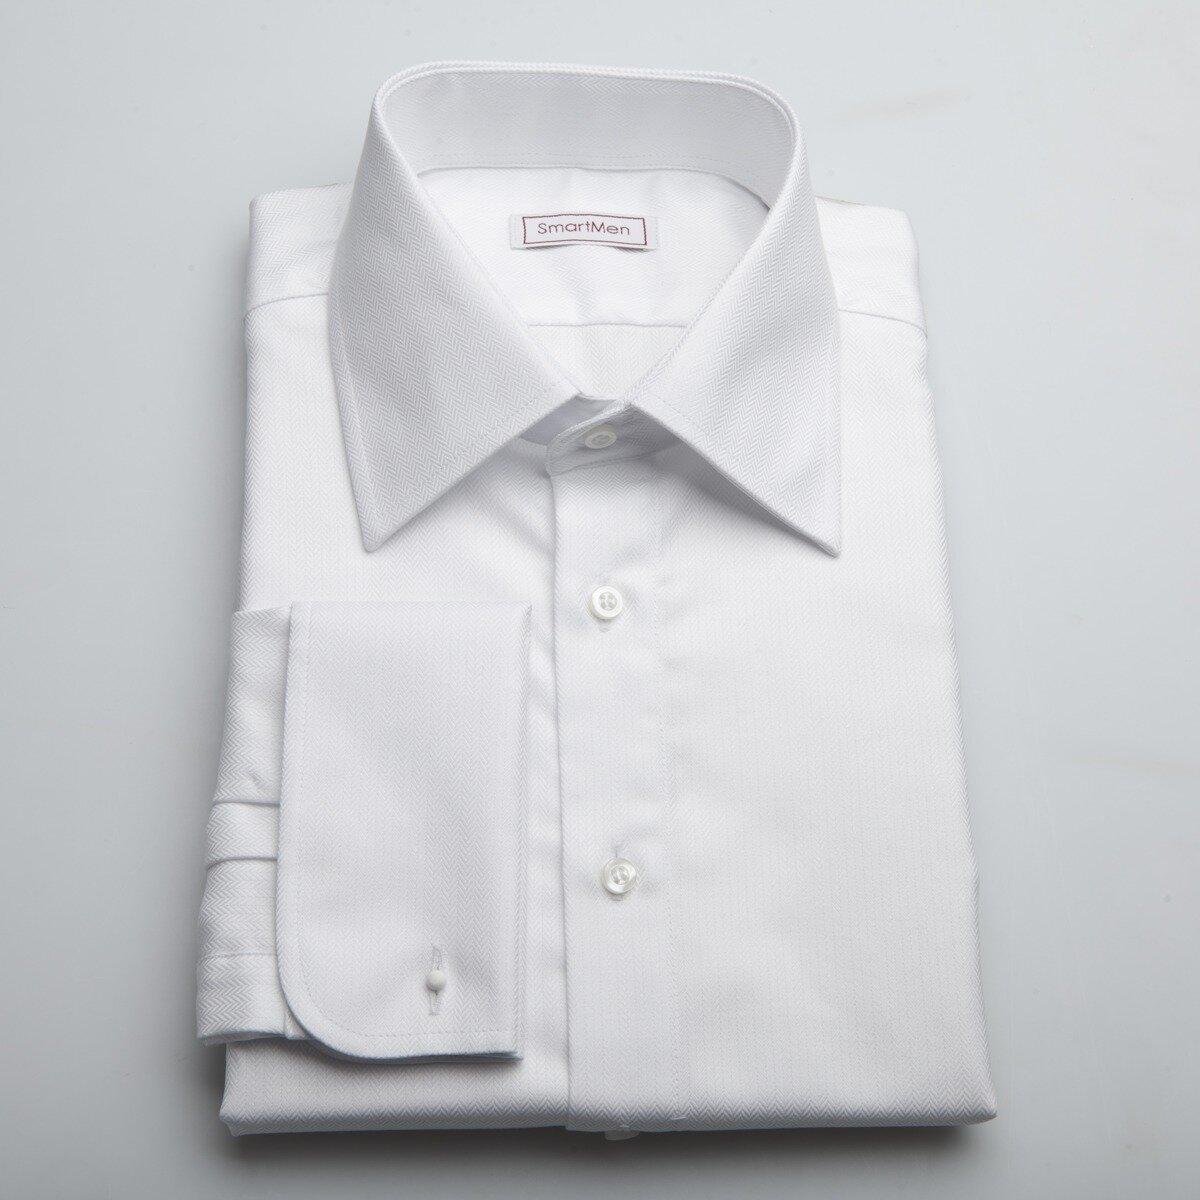 dd186fbae99c Biela luxusná košeľa SmartMen s manžetovými gombíkmi